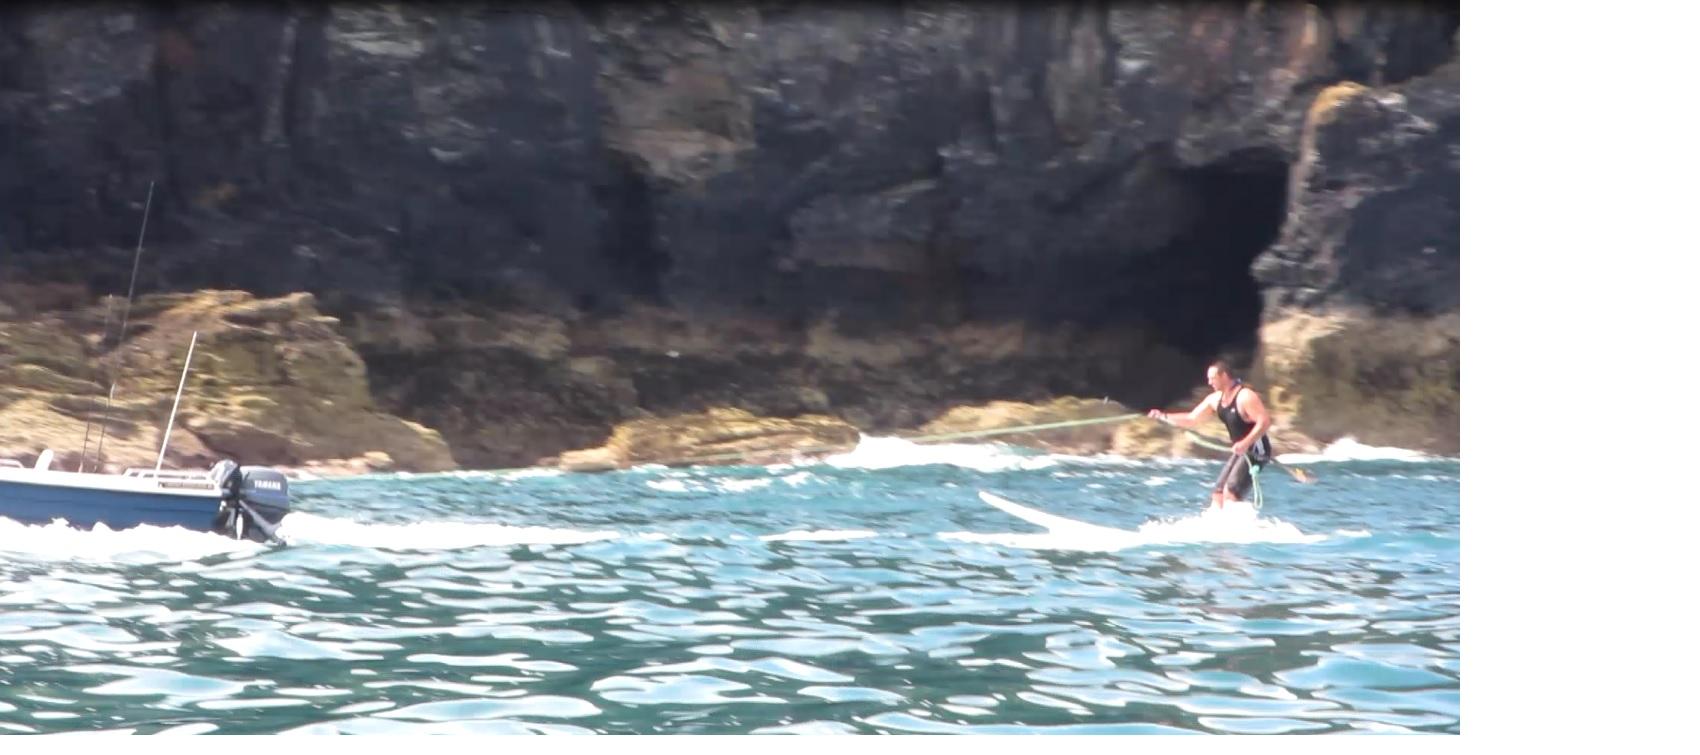 Water ski-ing Aggie-Style!